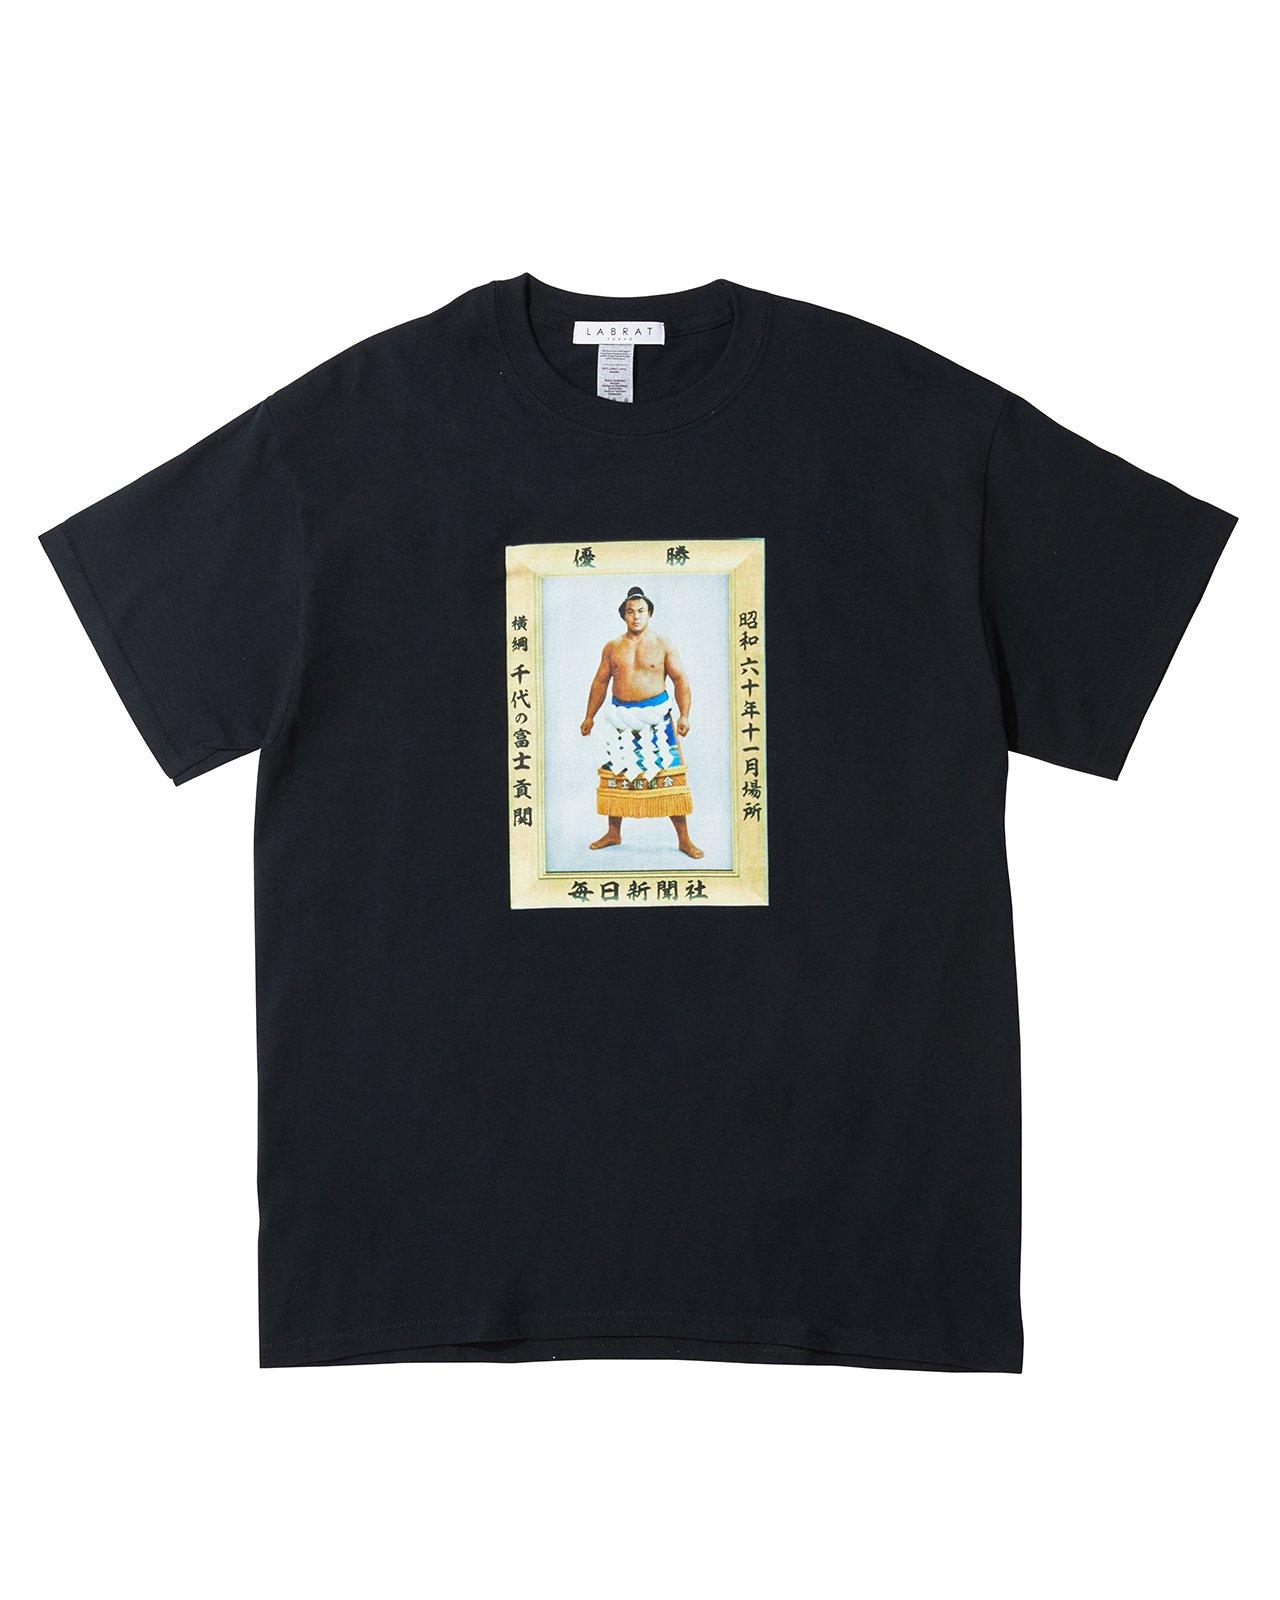 千代の富士 for LABRAT JR両国駅限定販売 Tシャツ(BLACK)(size: S〜XL)